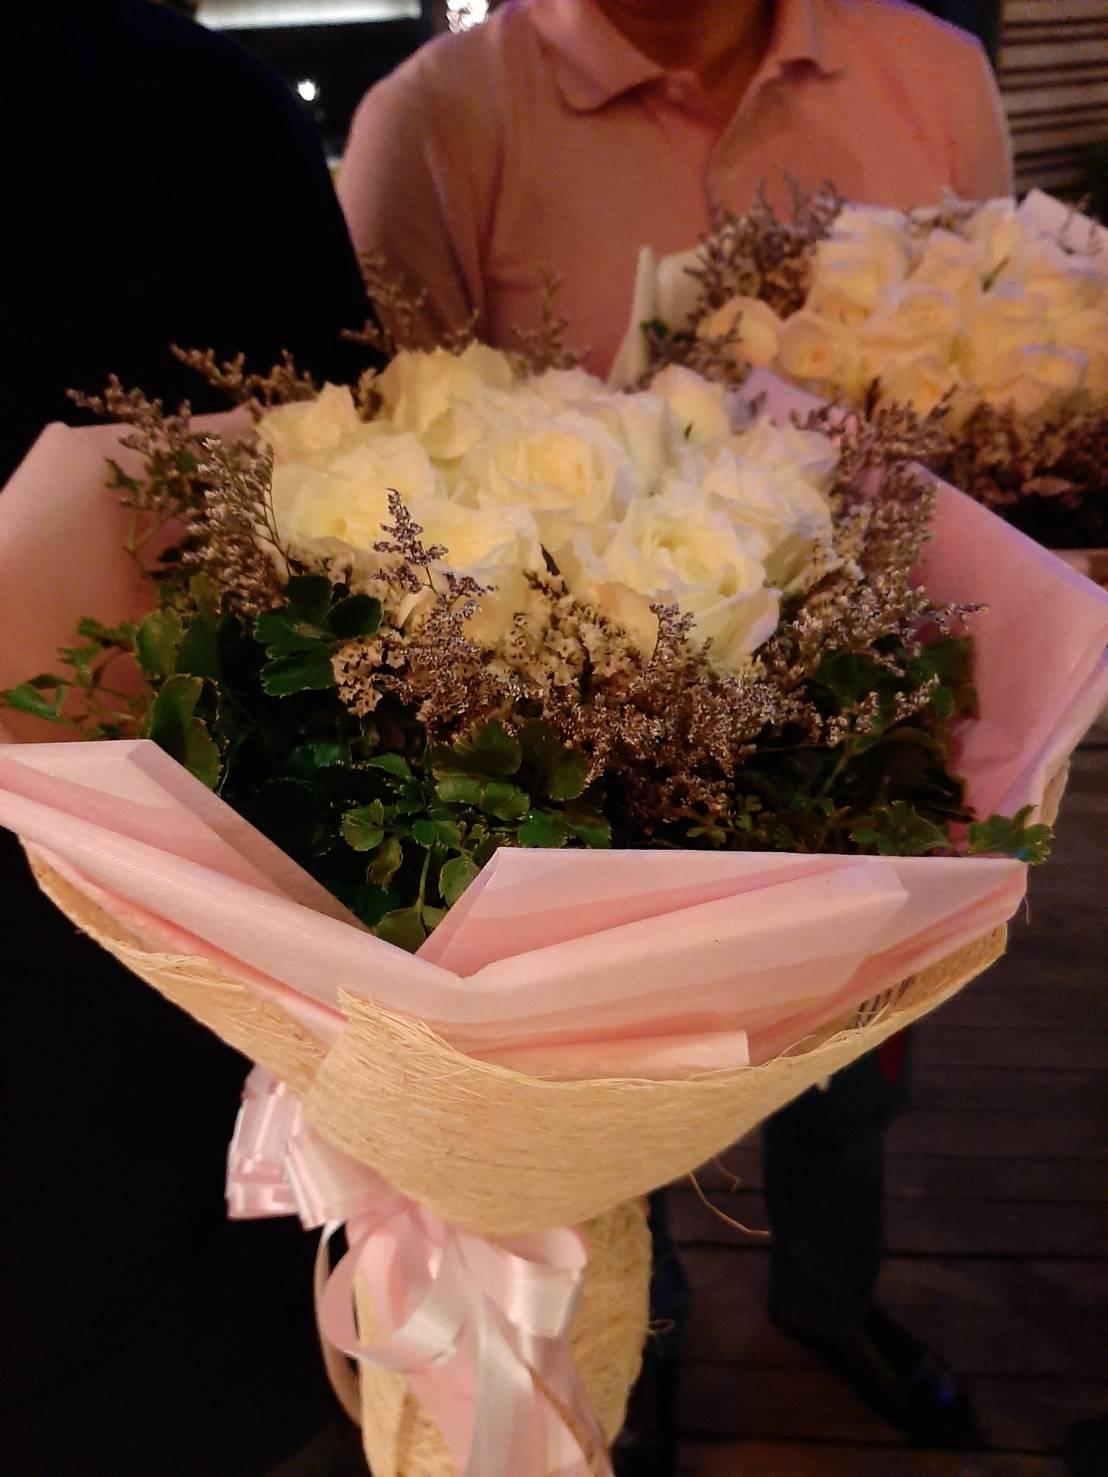 ช่อดอกไม้แสนหวาน เลือกใช้ดอกกุหลาบสีขาวบริสุทธิ์เพื่อสื่อความในใจค่ะ